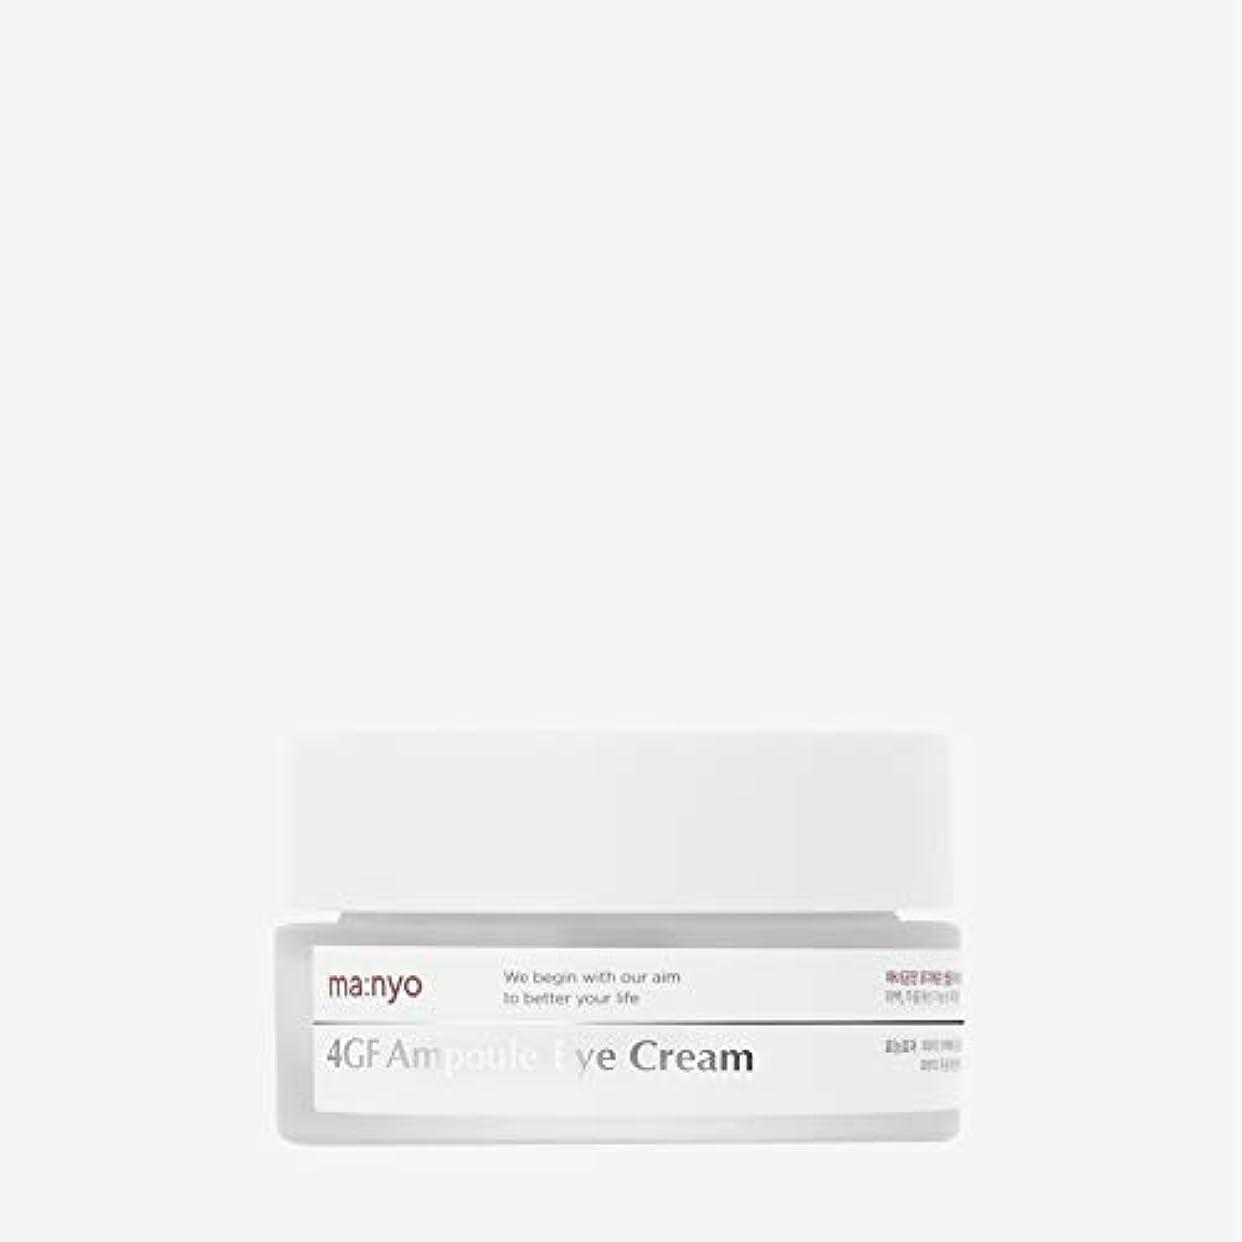 省非行遠足魔女工場(Manyo Factory) 4GFアイクリーム 30ml / 死ぬまでに1度は塗ってみたい、その成分